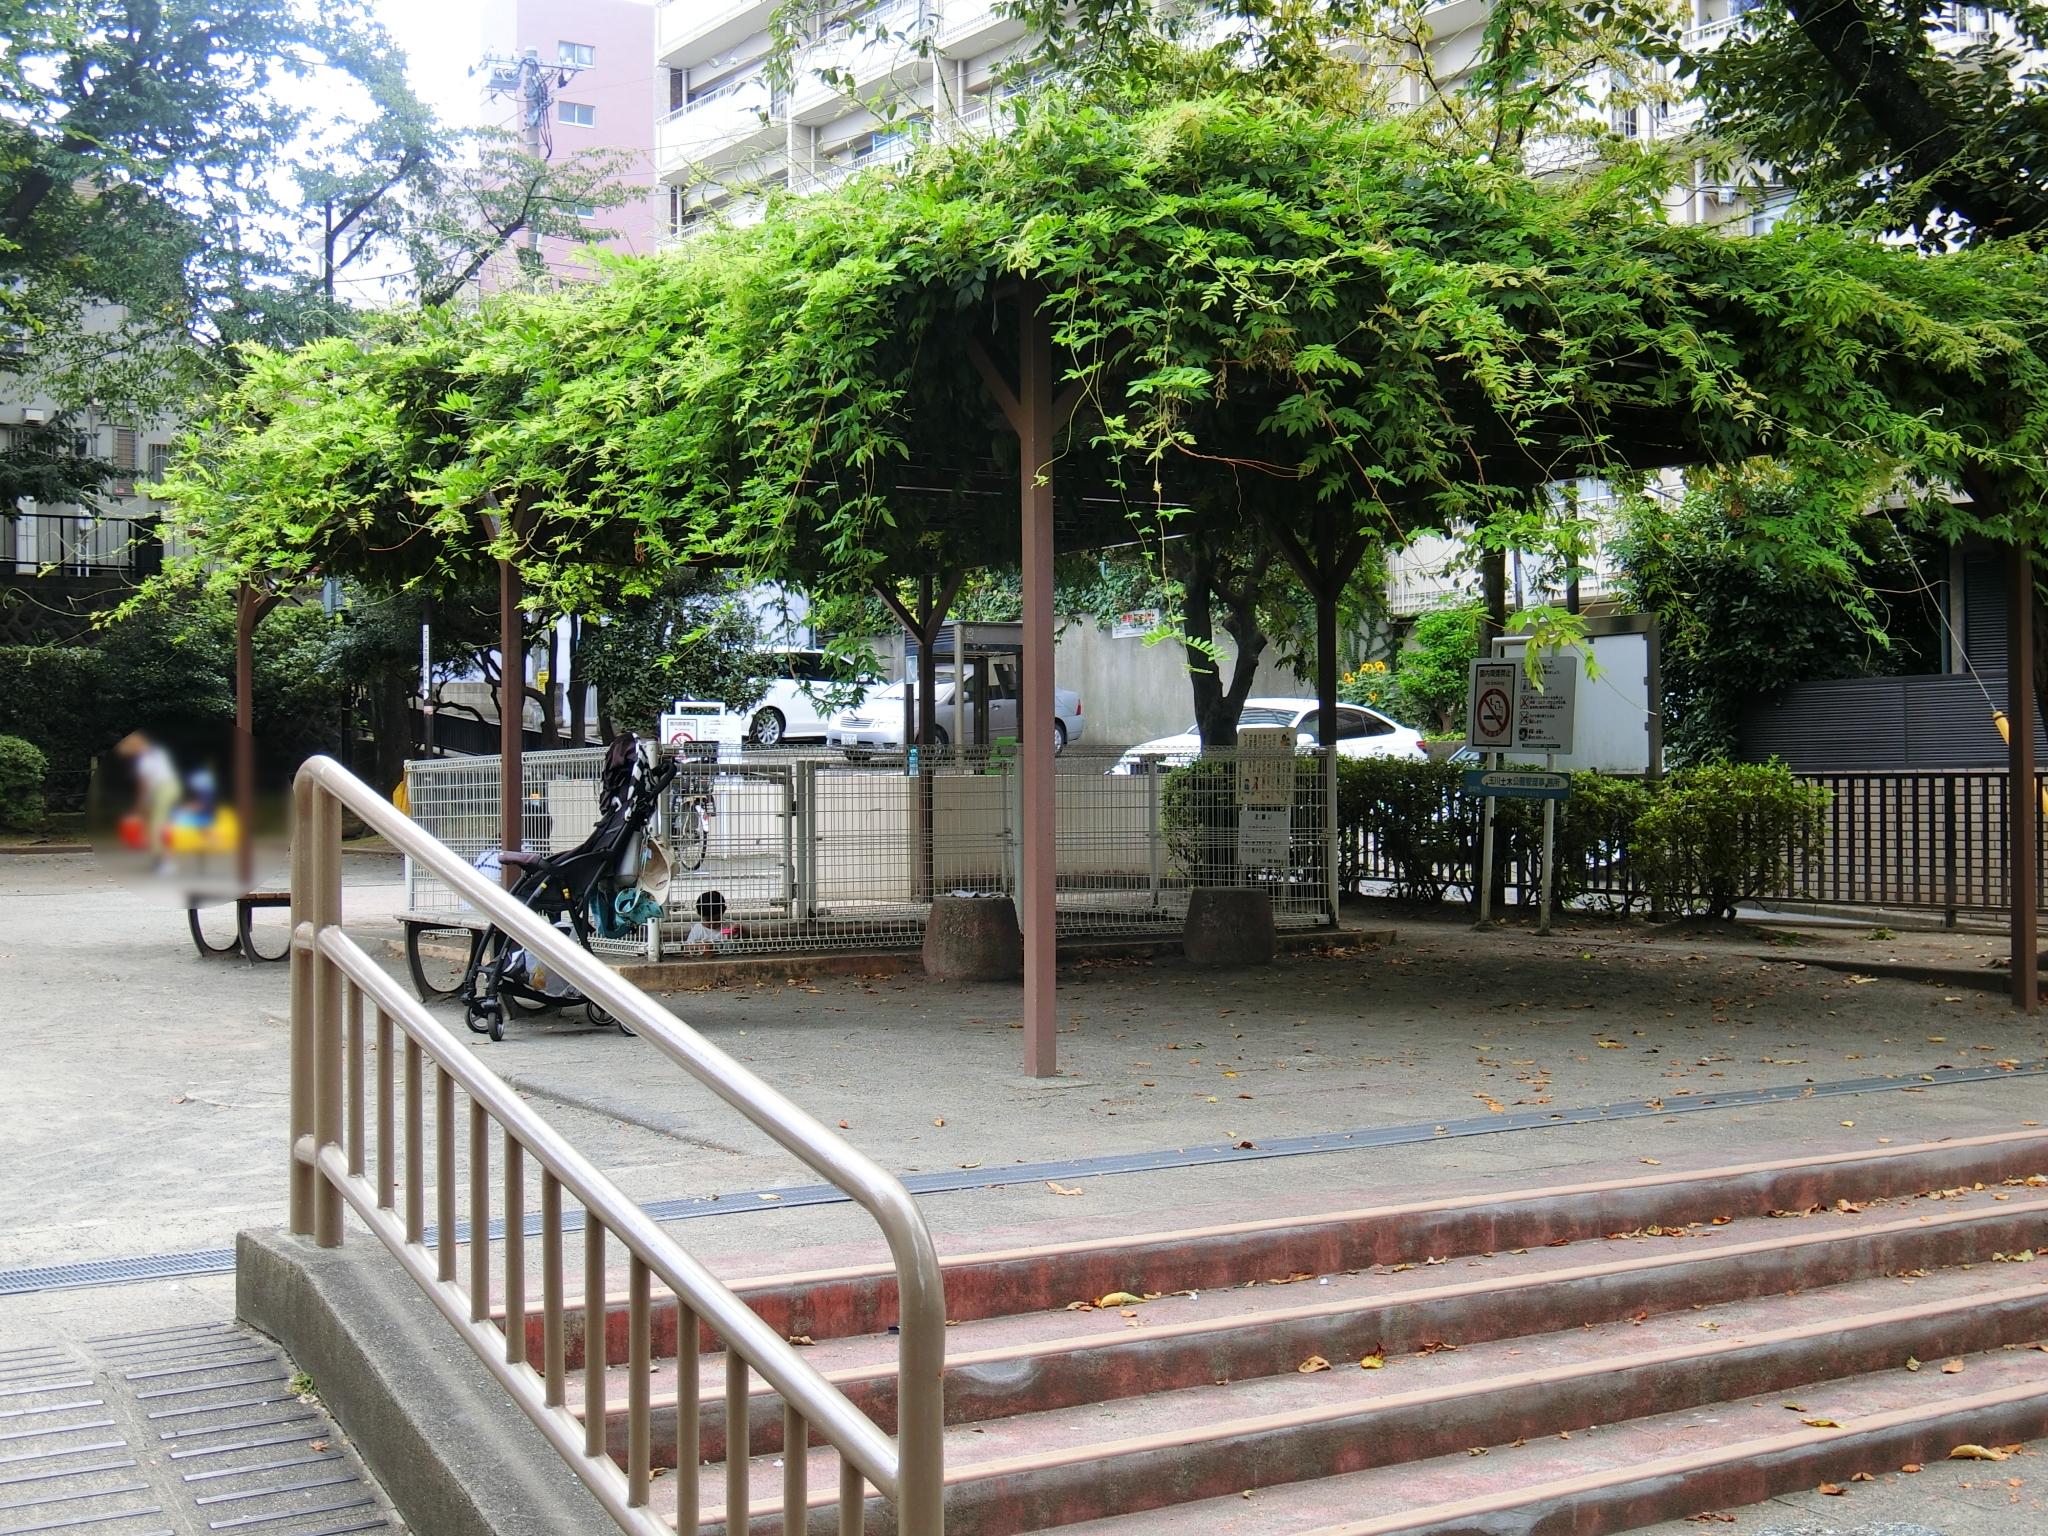 奥沢二丁目公園,自由が丘,公園,九品仏緑道沿い,都会のオアシス